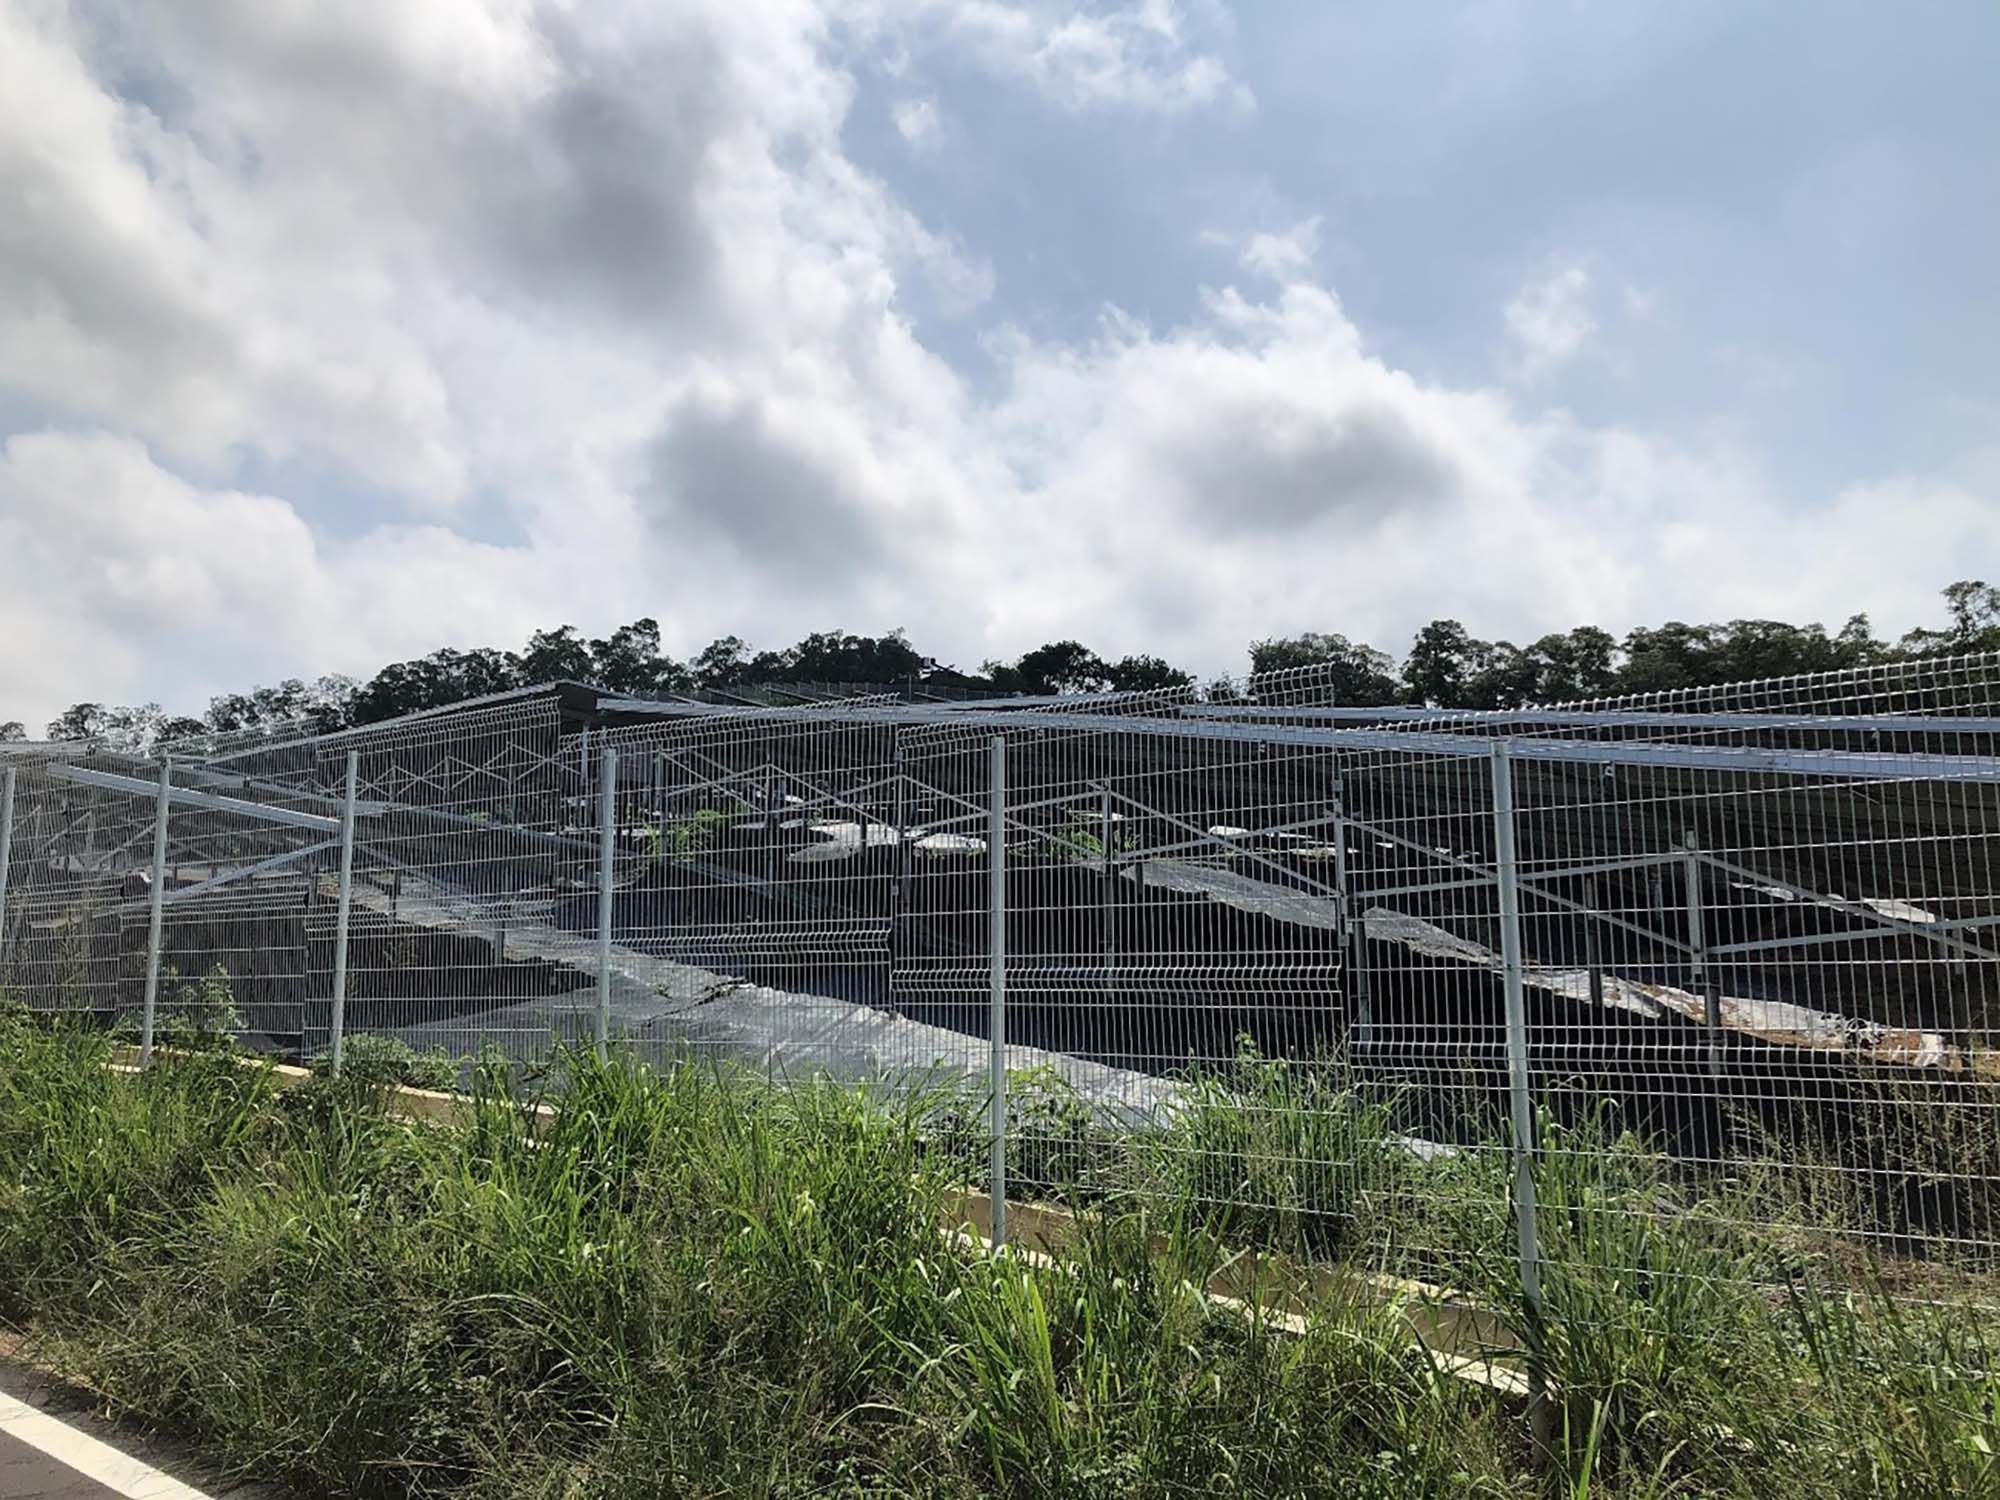 苗栗県内にある「小光電」発電施設。乱開発・景観破壊などが懸念される。